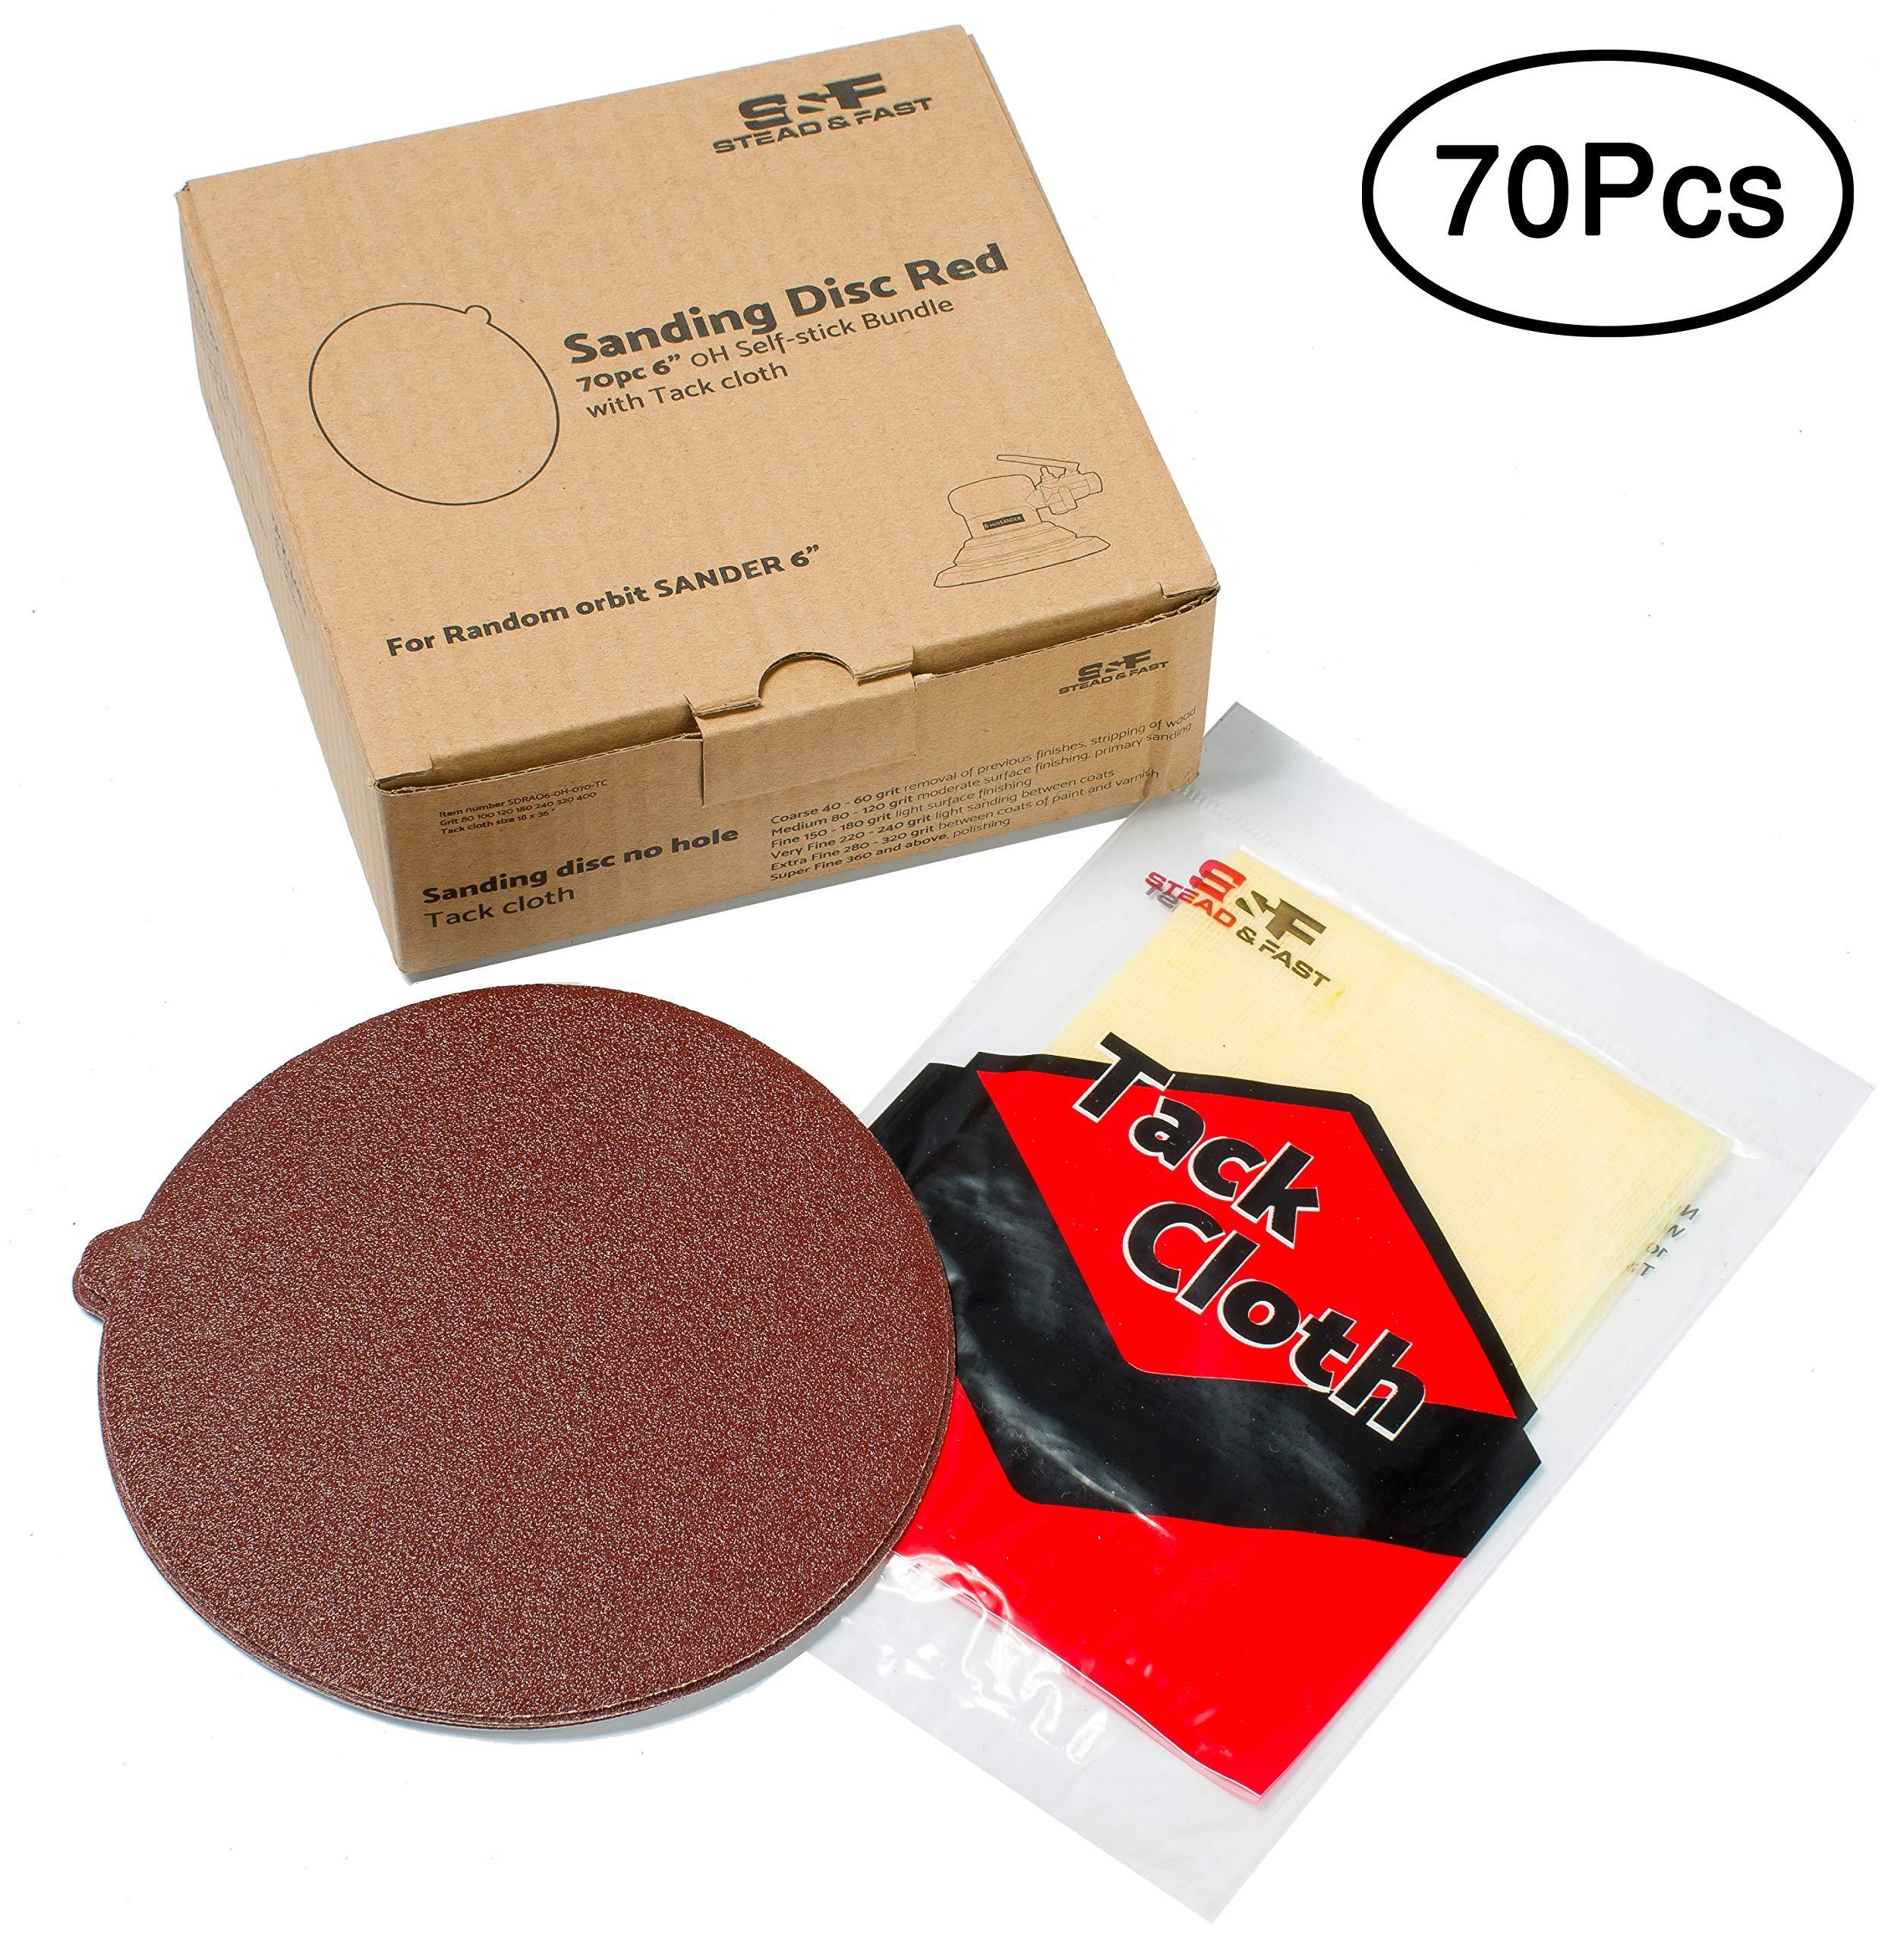 Stead & Fast 70 PCS 6 Inch Sanding Disc Self Stick Bundle with Tack Cloth, PSA Sandpaper for Disc , Random Orbital and DA Sander, 80 100 120 180 240 320 400 grit